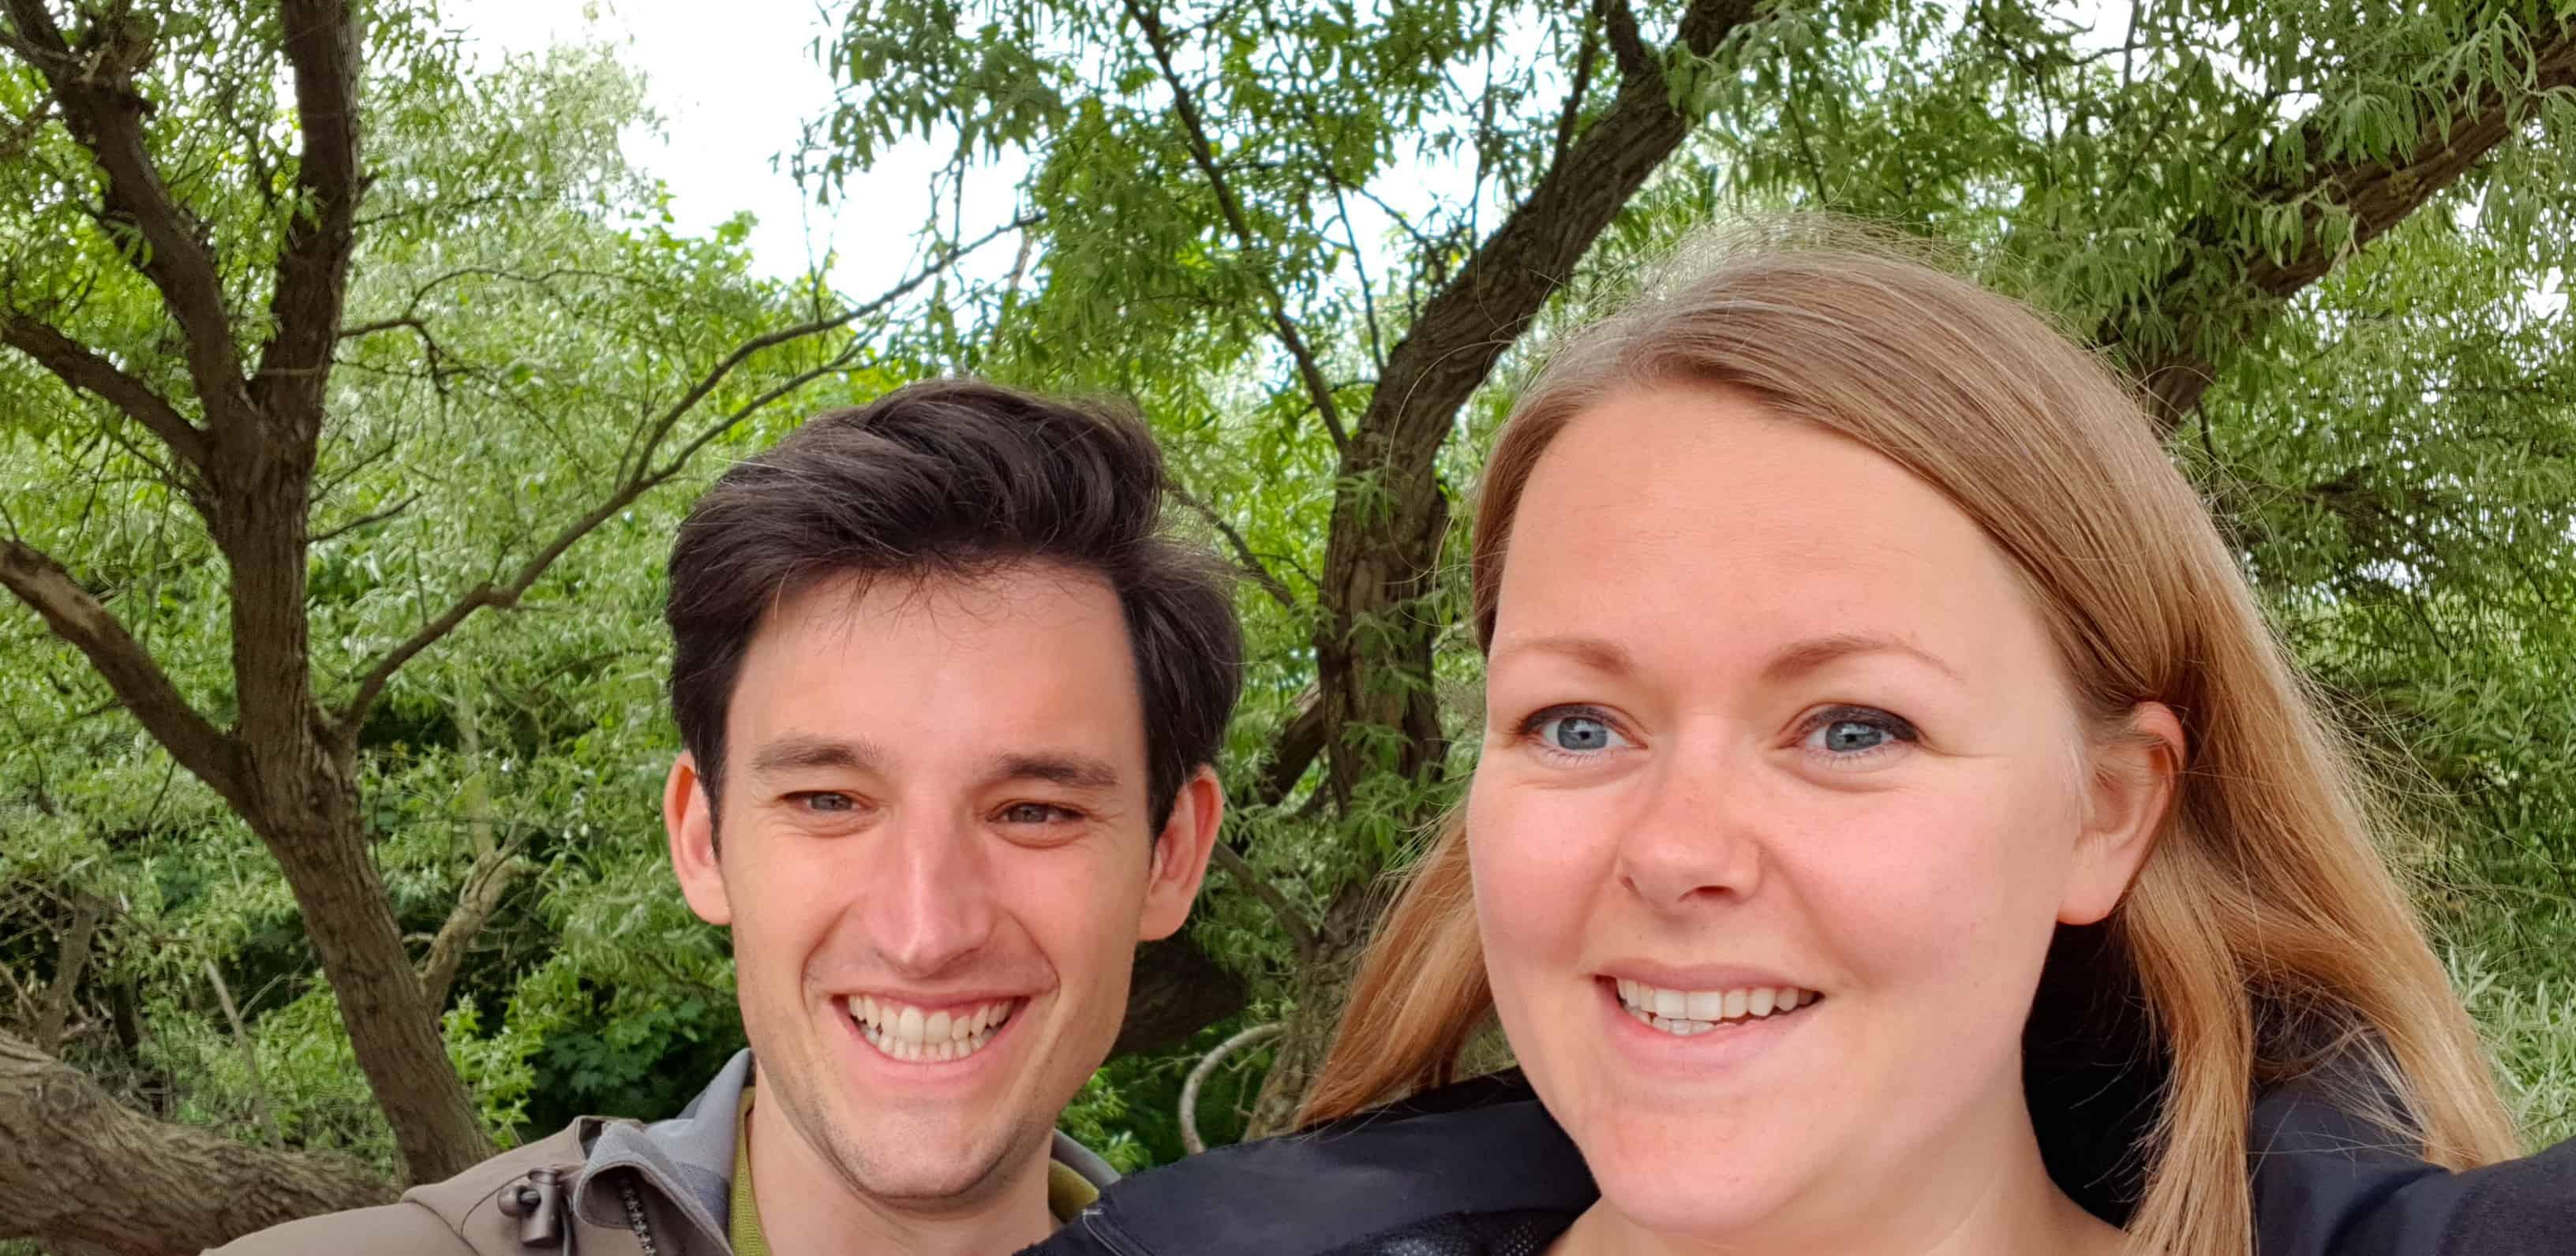 Happy faces toen we de geocachen hadden gevonden! - FinanceMonkey